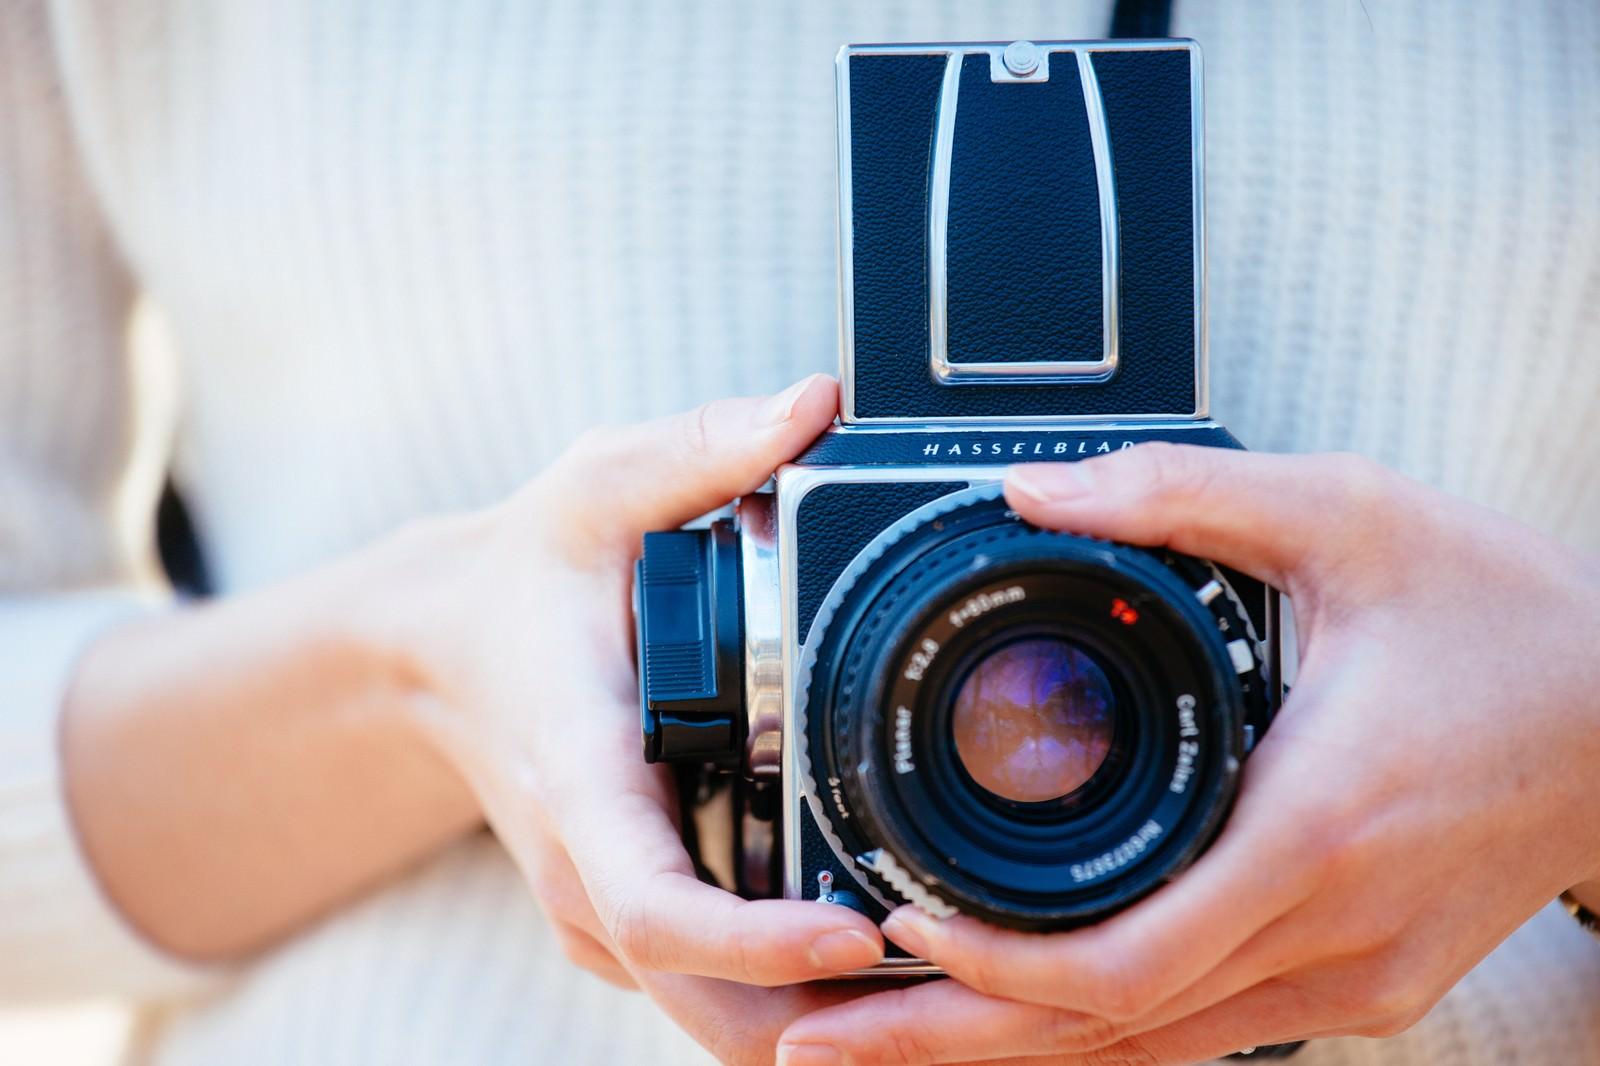 「フィルムカメラを持った女性の手」の写真